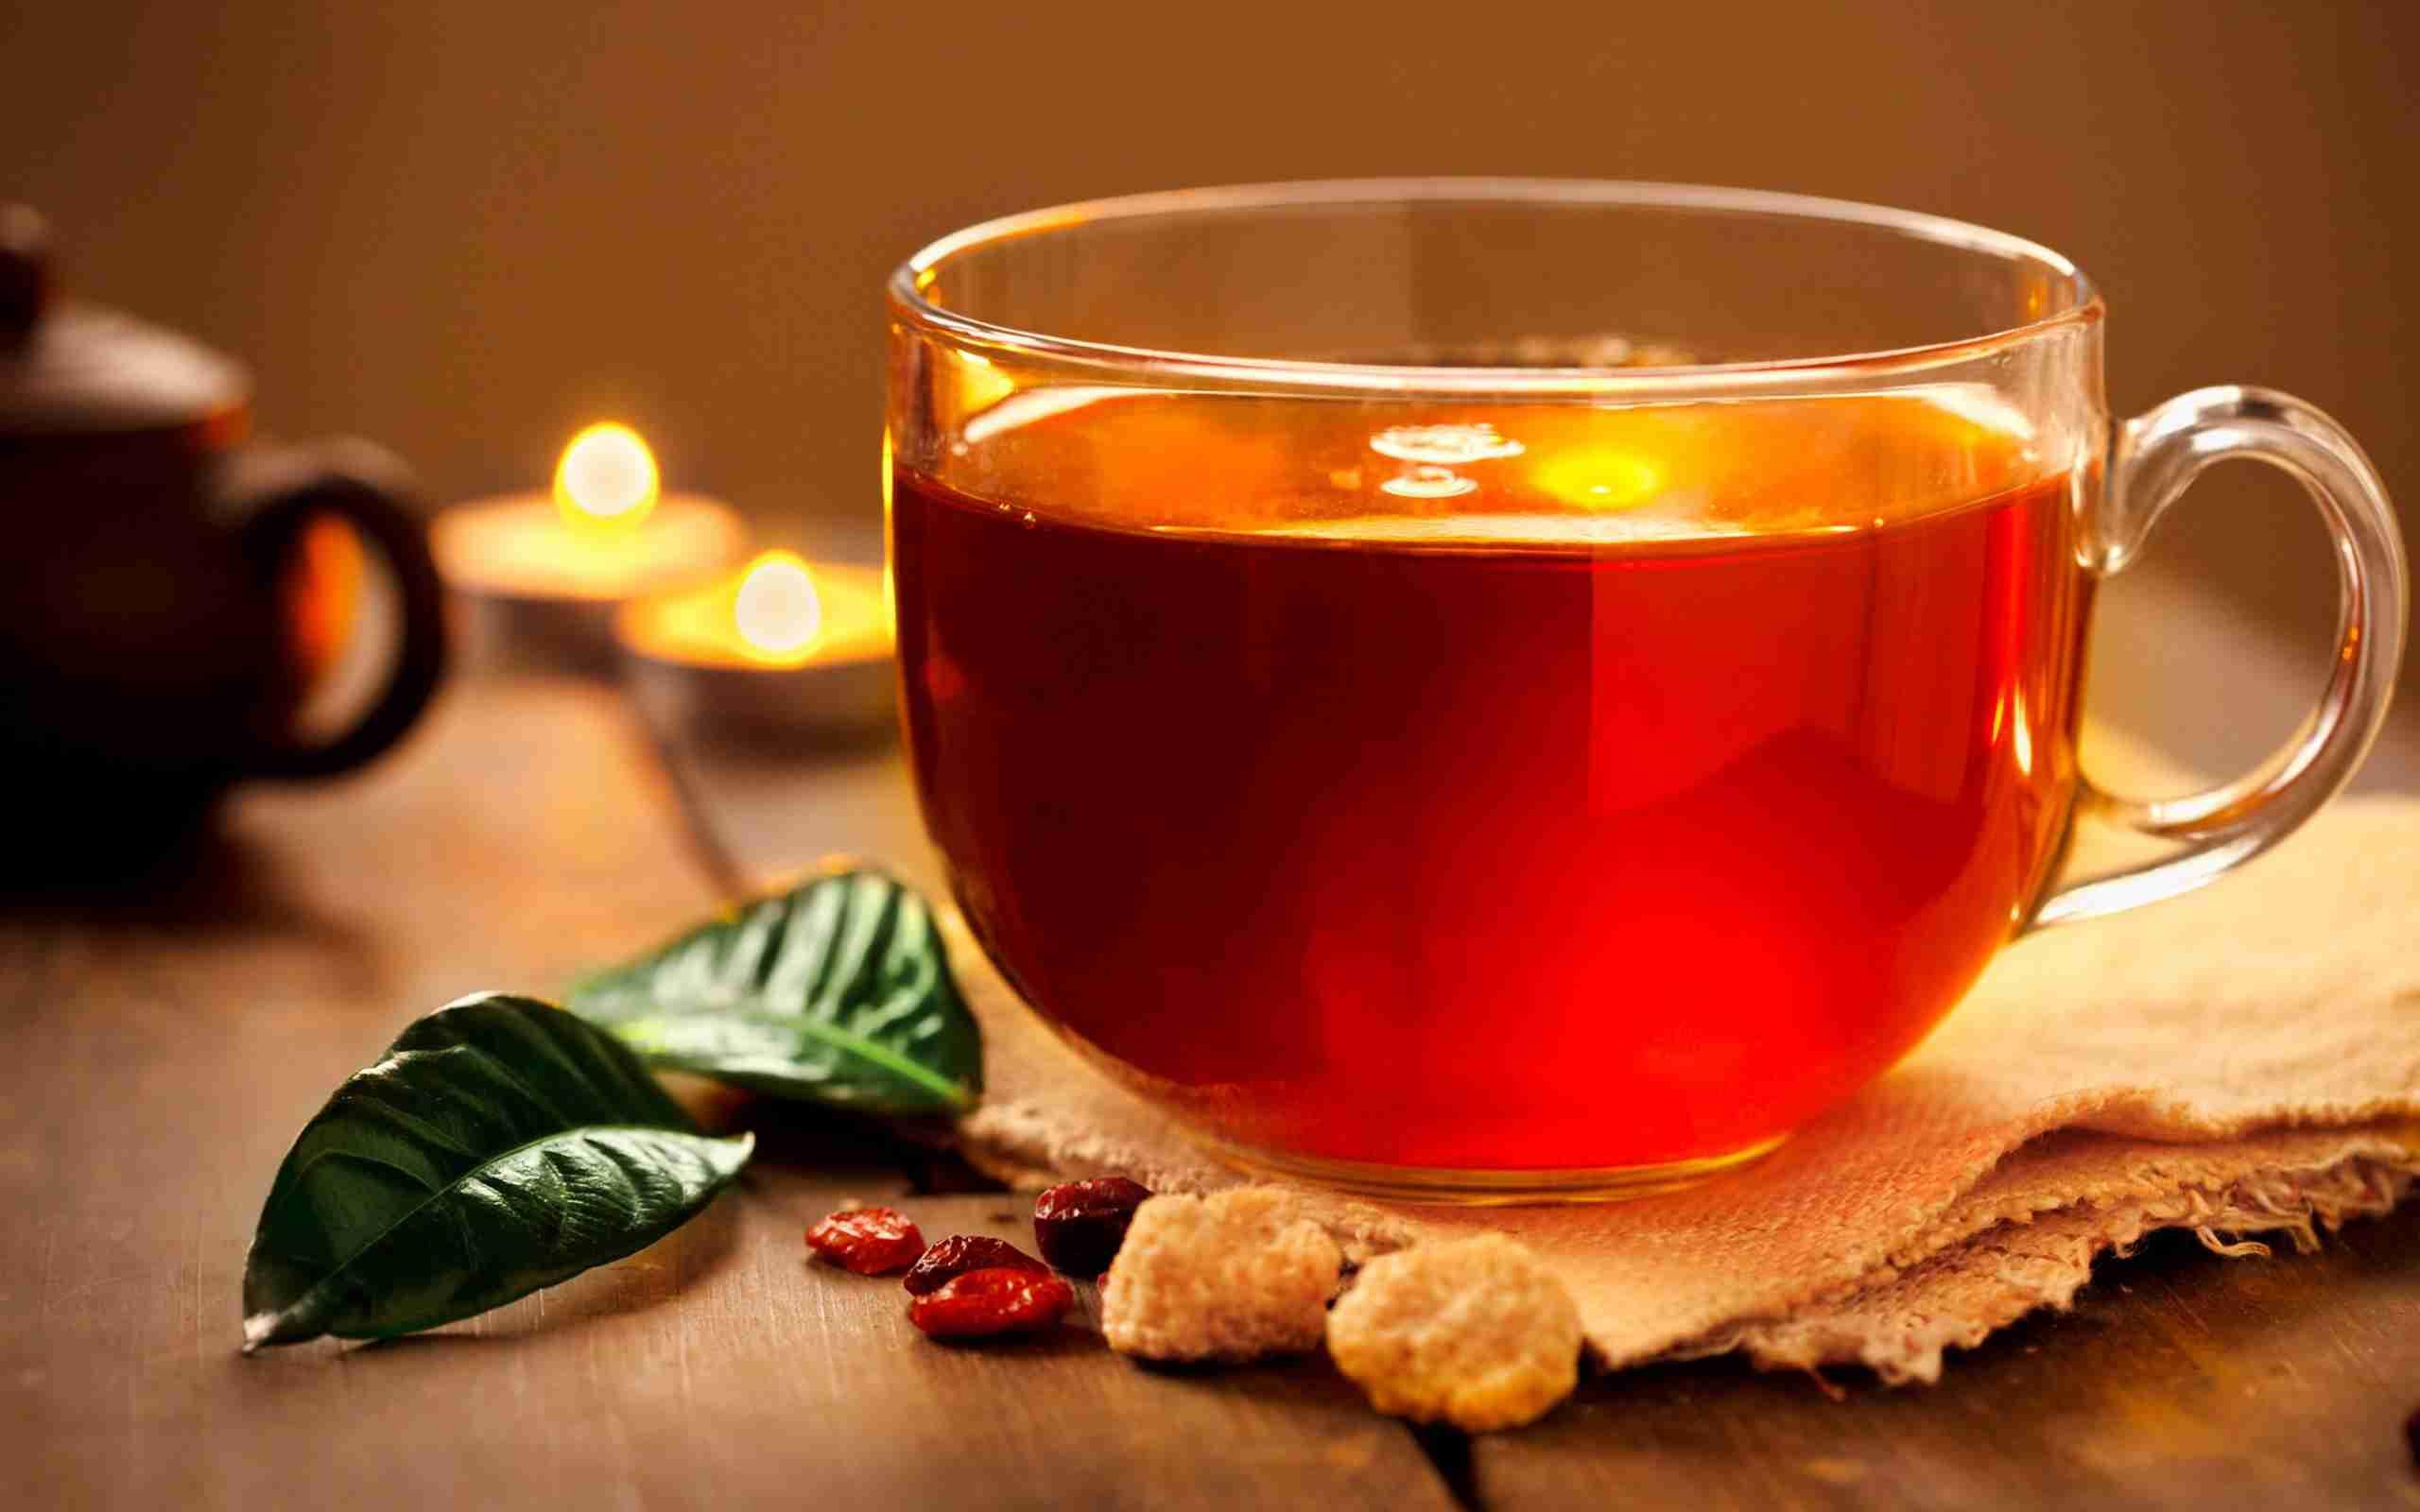 Ученые определили самый полезный напиток для здоровья человека